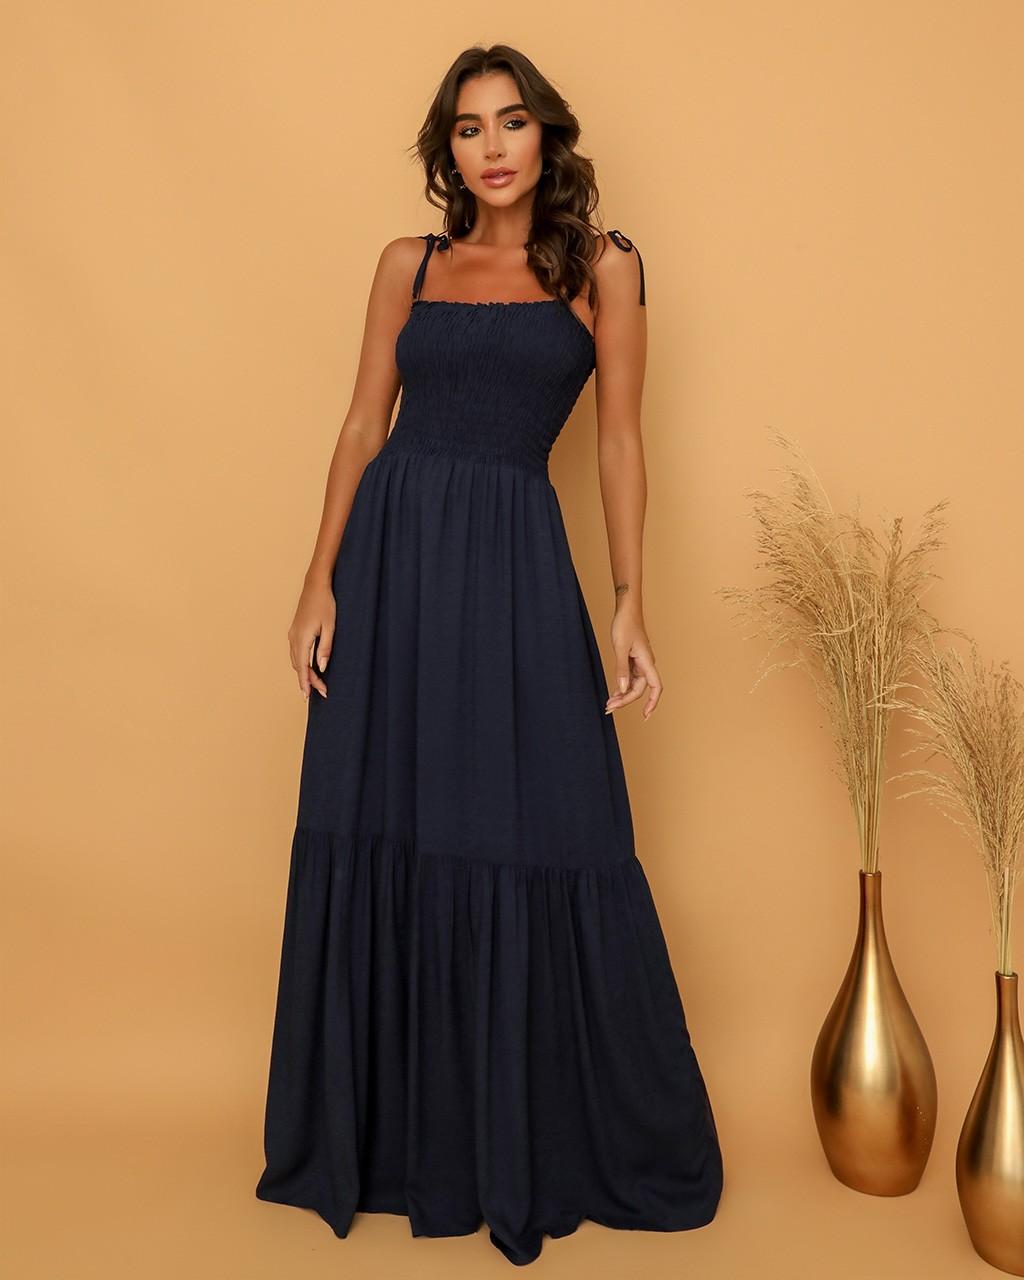 Vestido Emanuela  - Empório NM